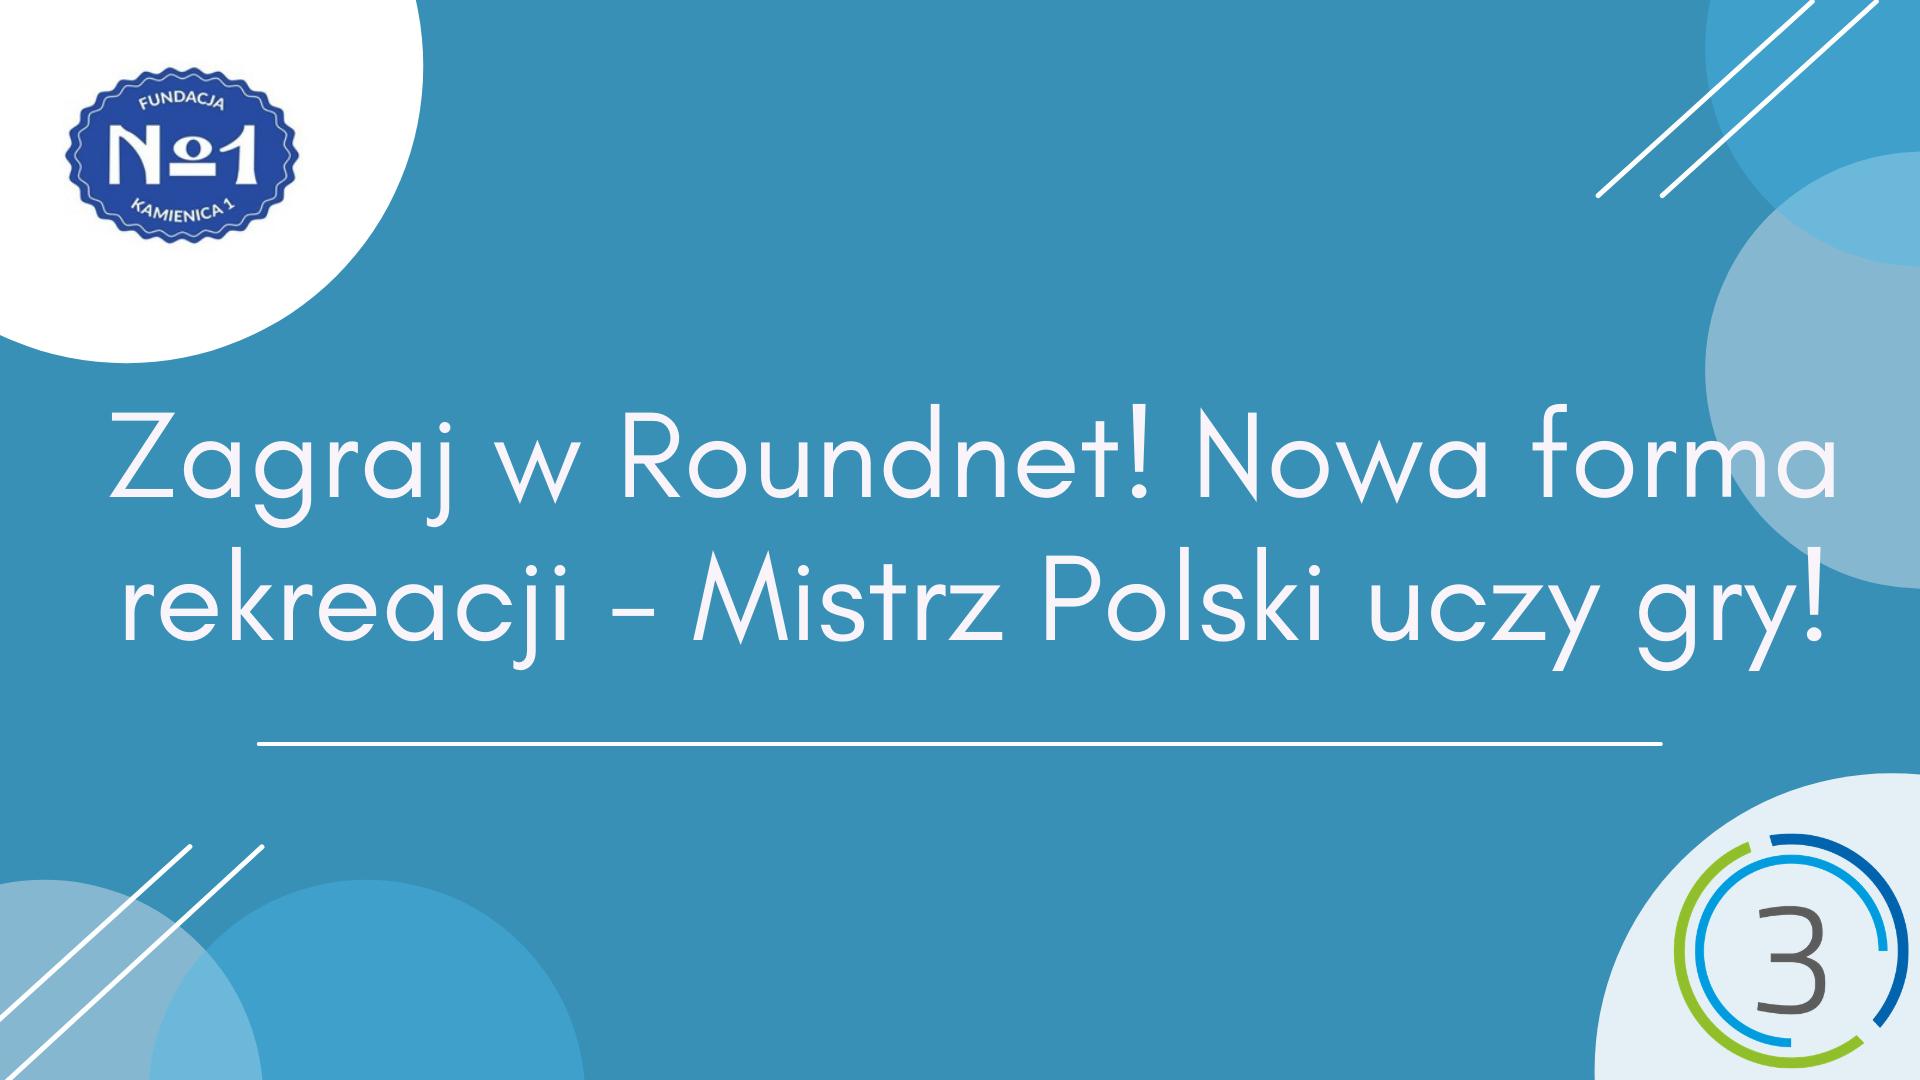 Na niebieskim tle w centrum grafiki znajduje się napis Zagraj w Roundnet! Nowa forma rekreacji - Mistrz Polski uczy gry!. W lewym górnym rogu znajduje się logotyp Fundacji Kamienica1. W prawym dolnym rogu znajduje się logotyp Sektor 3 Szczecin